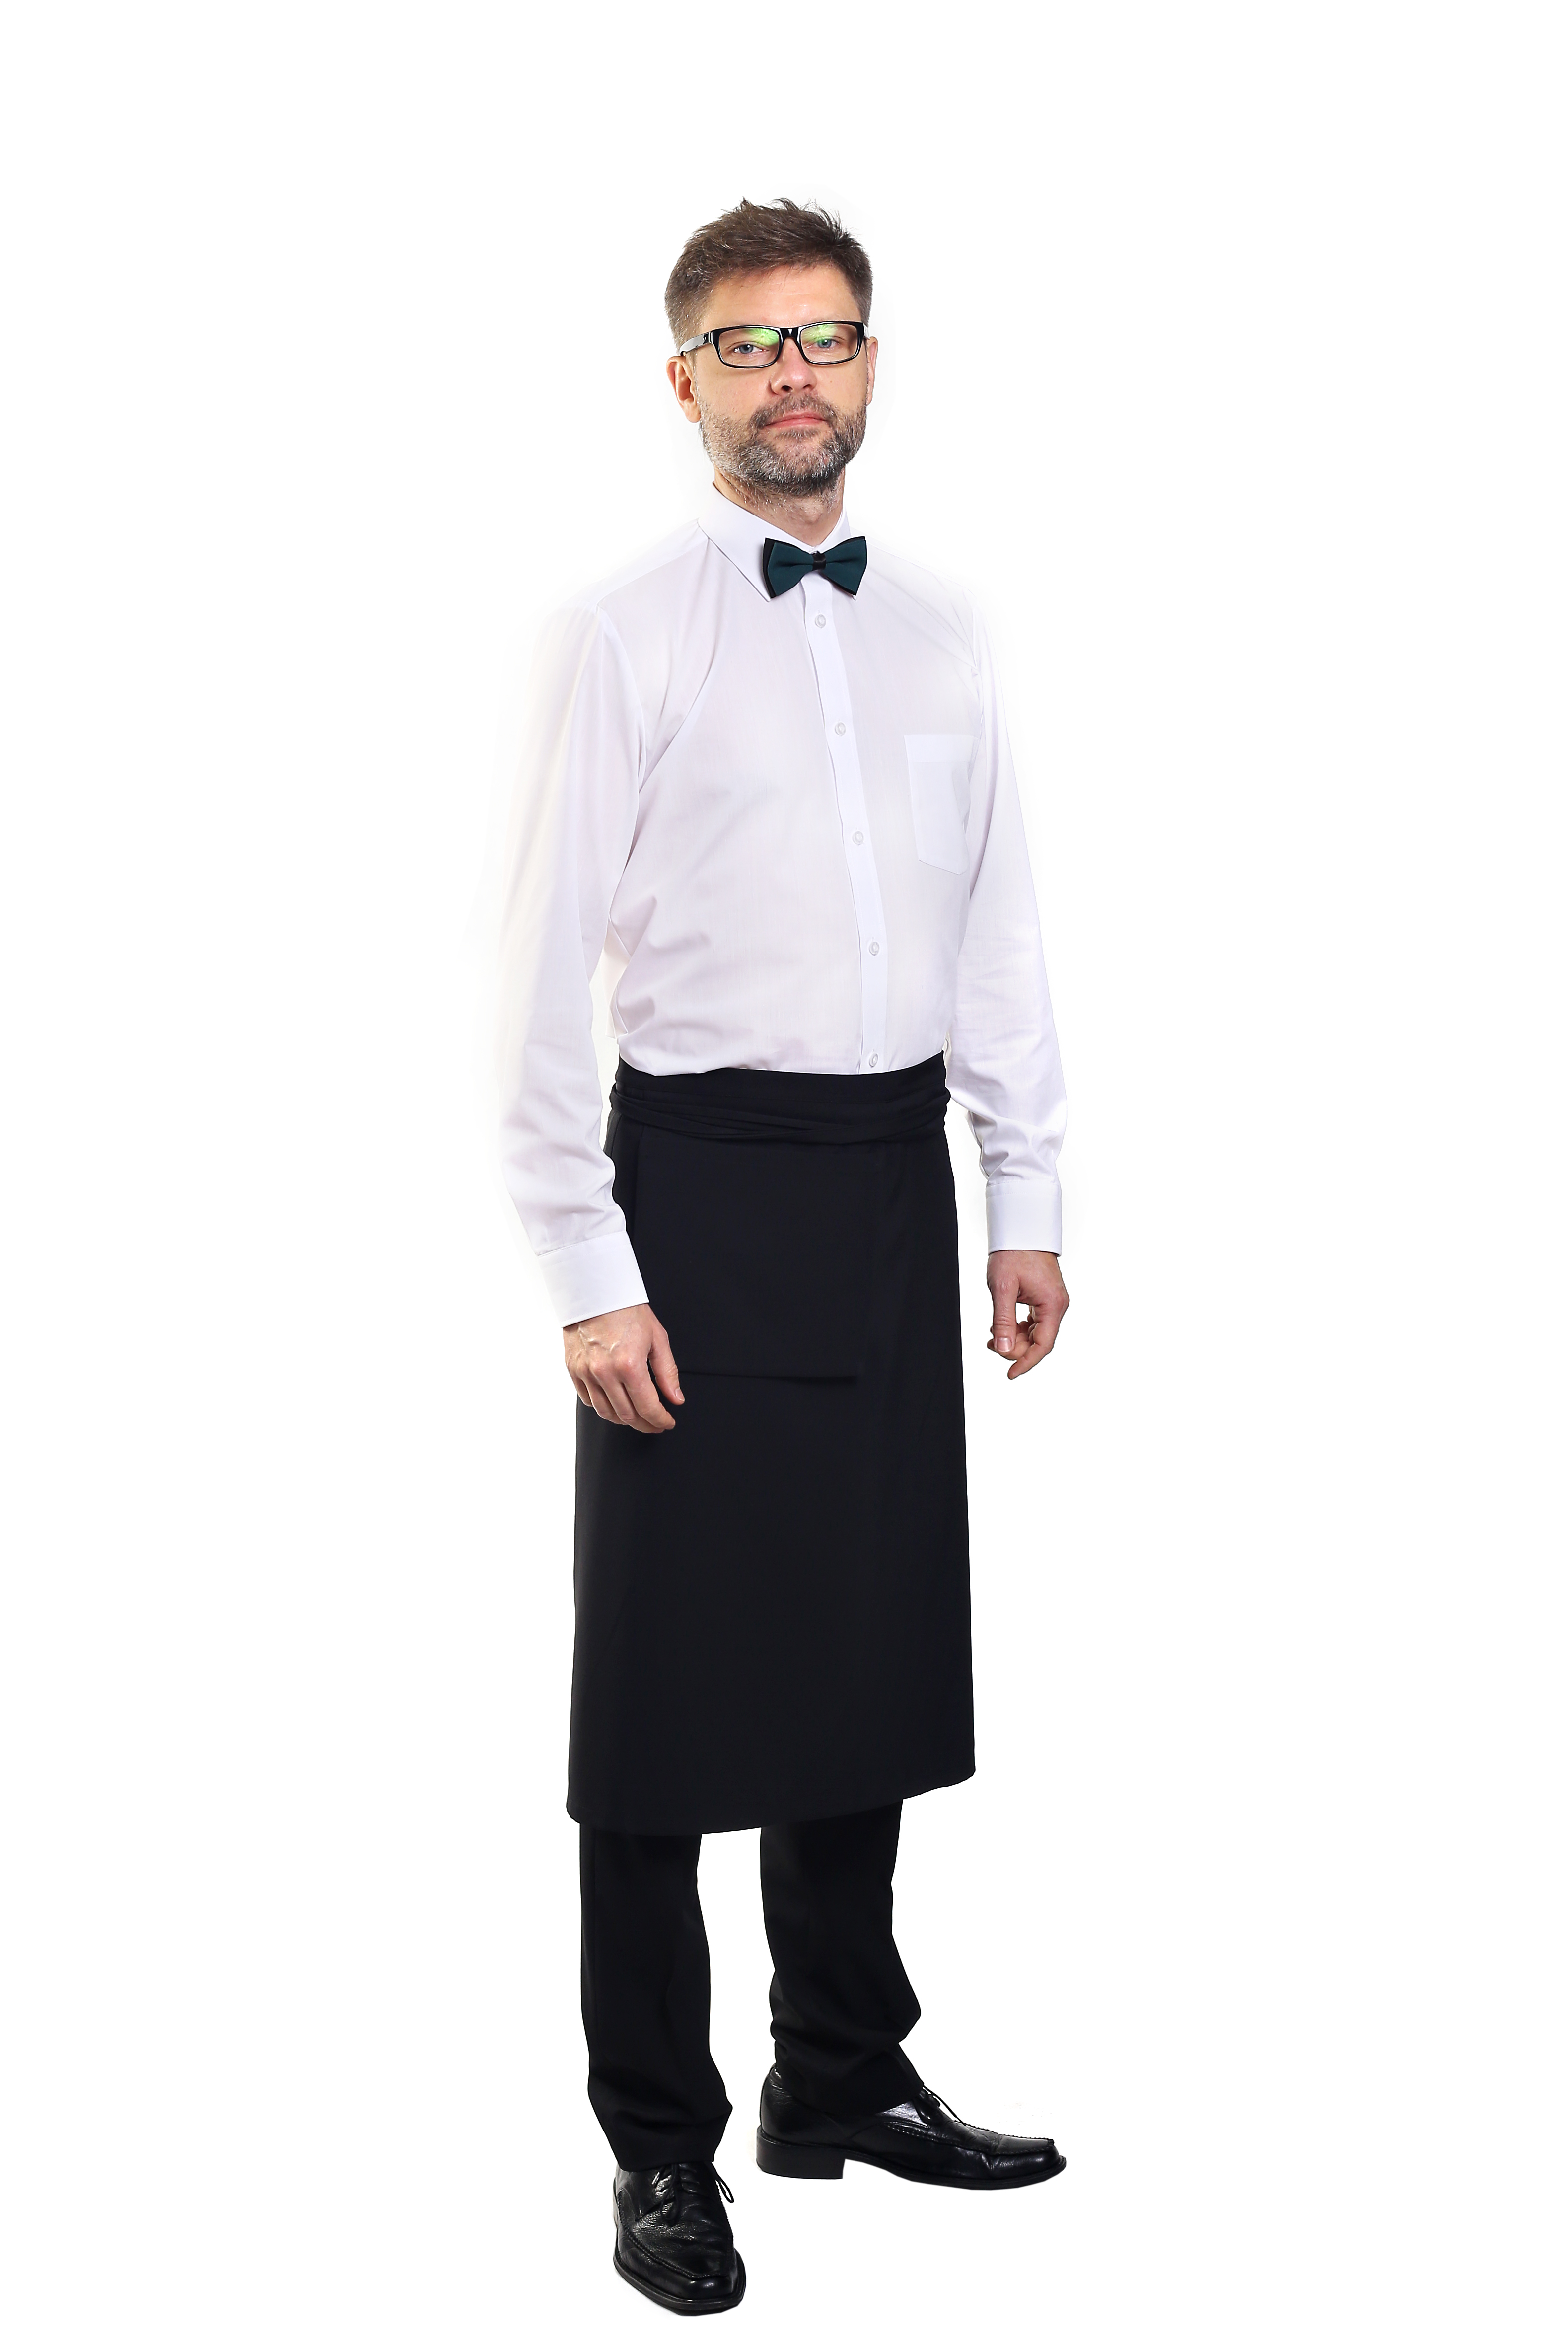 odziez-hotelowa-zapaska-fartuch-barmanski-damski-tyl-restauracja-pub-ubranie-pracownicze-dla-kelnera-barmana